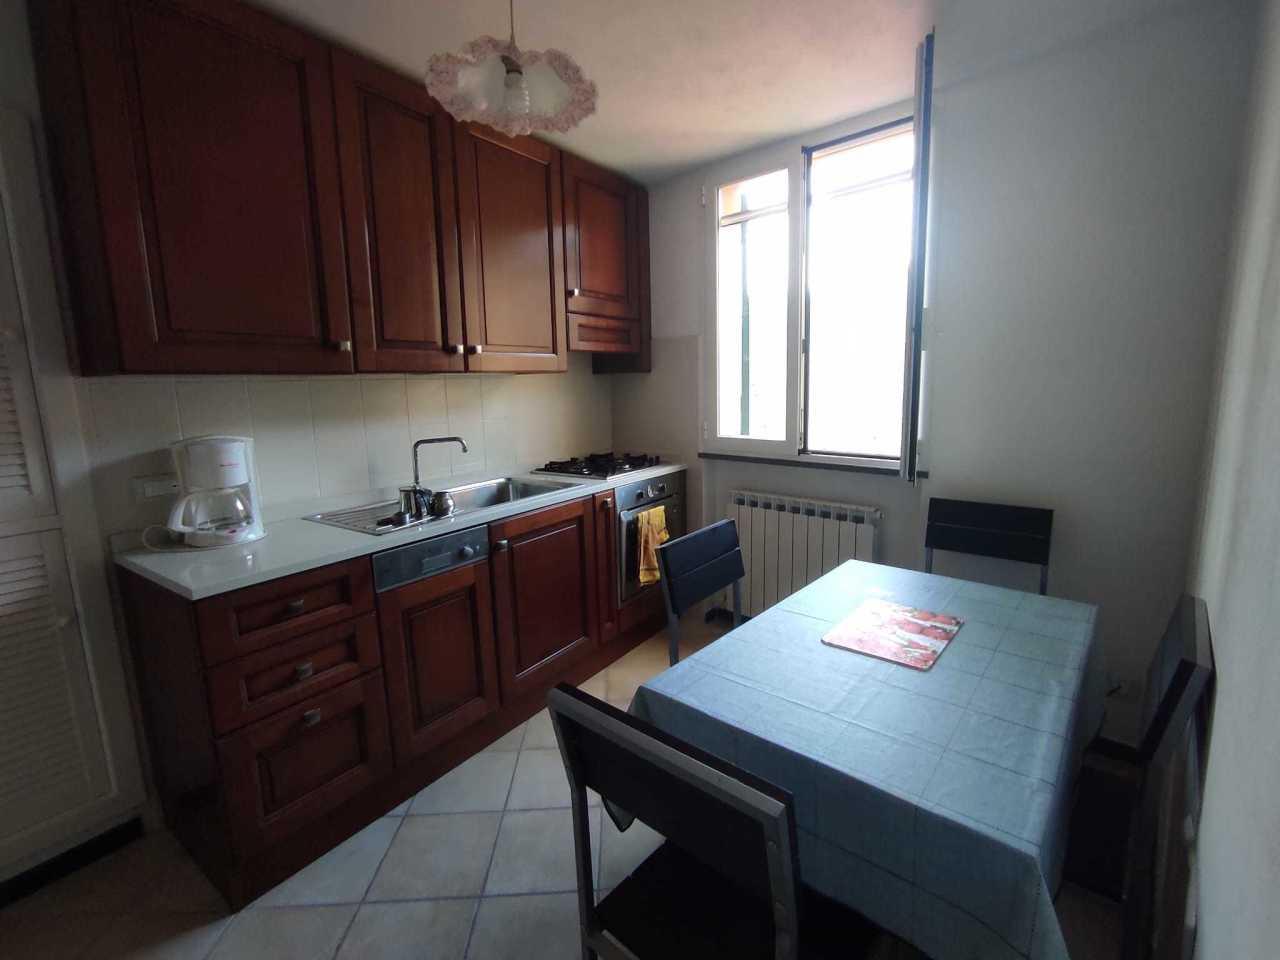 Appartamento in affitto a Chiusanico (IM)